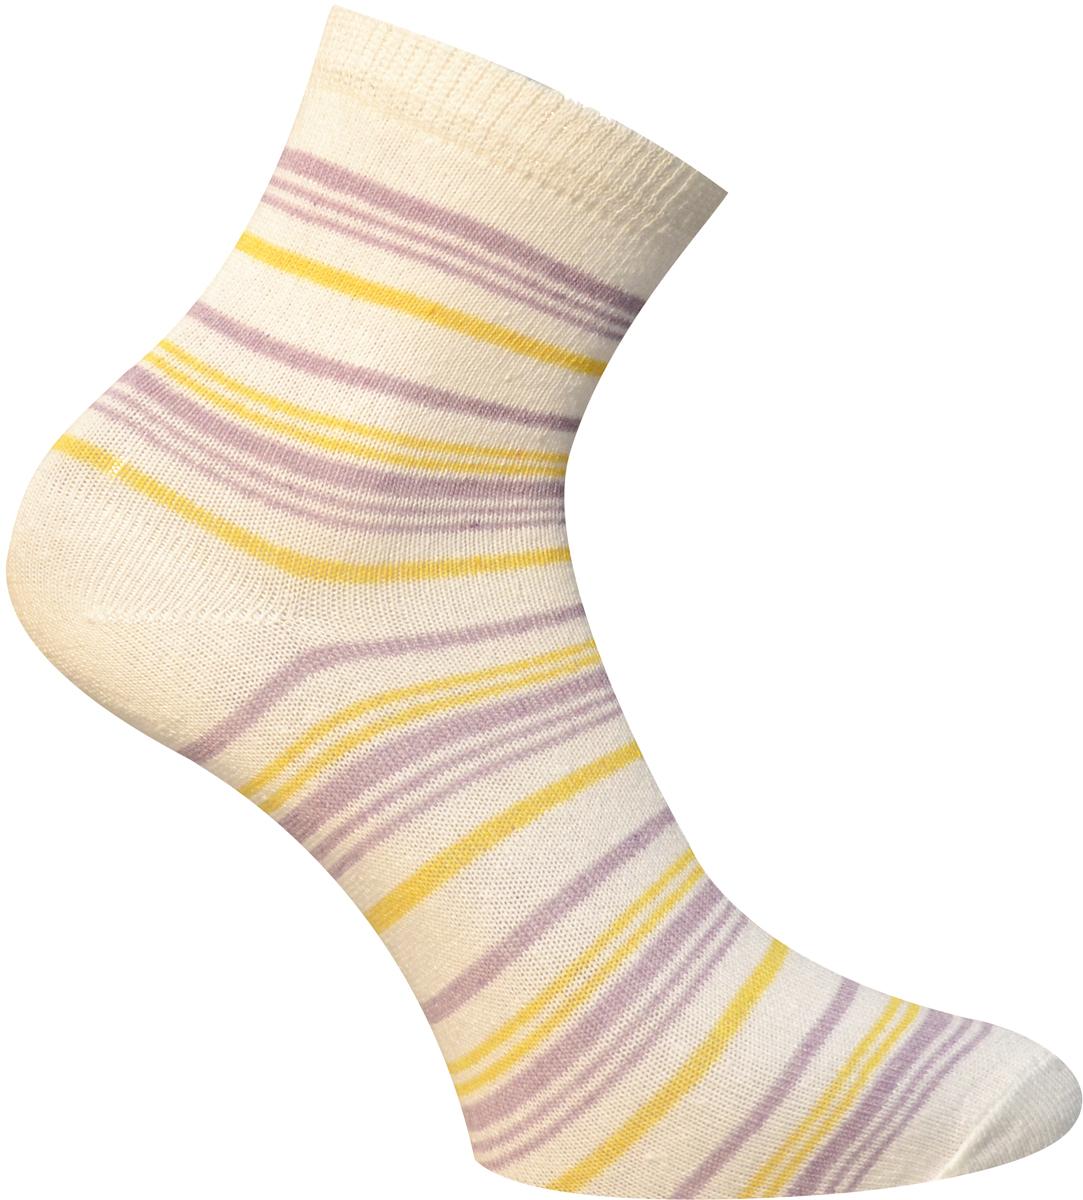 Носки детские Master Socks, цвет: молочный. 52064. Размер 2052064Удобные носки Master Socks, изготовленные из высококачественного комбинированного материала с хлопковой основой, очень мягкие и приятные на ощупь, позволяют коже дышать.Эластичная резинка плотно облегает ногу, не сдавливая ее, обеспечивая комфорт и удобство. Носки с паголенком классической длины оформлены принтом в полоску. Практичные и комфортные носки великолепно подойдут к любой вашей обуви.